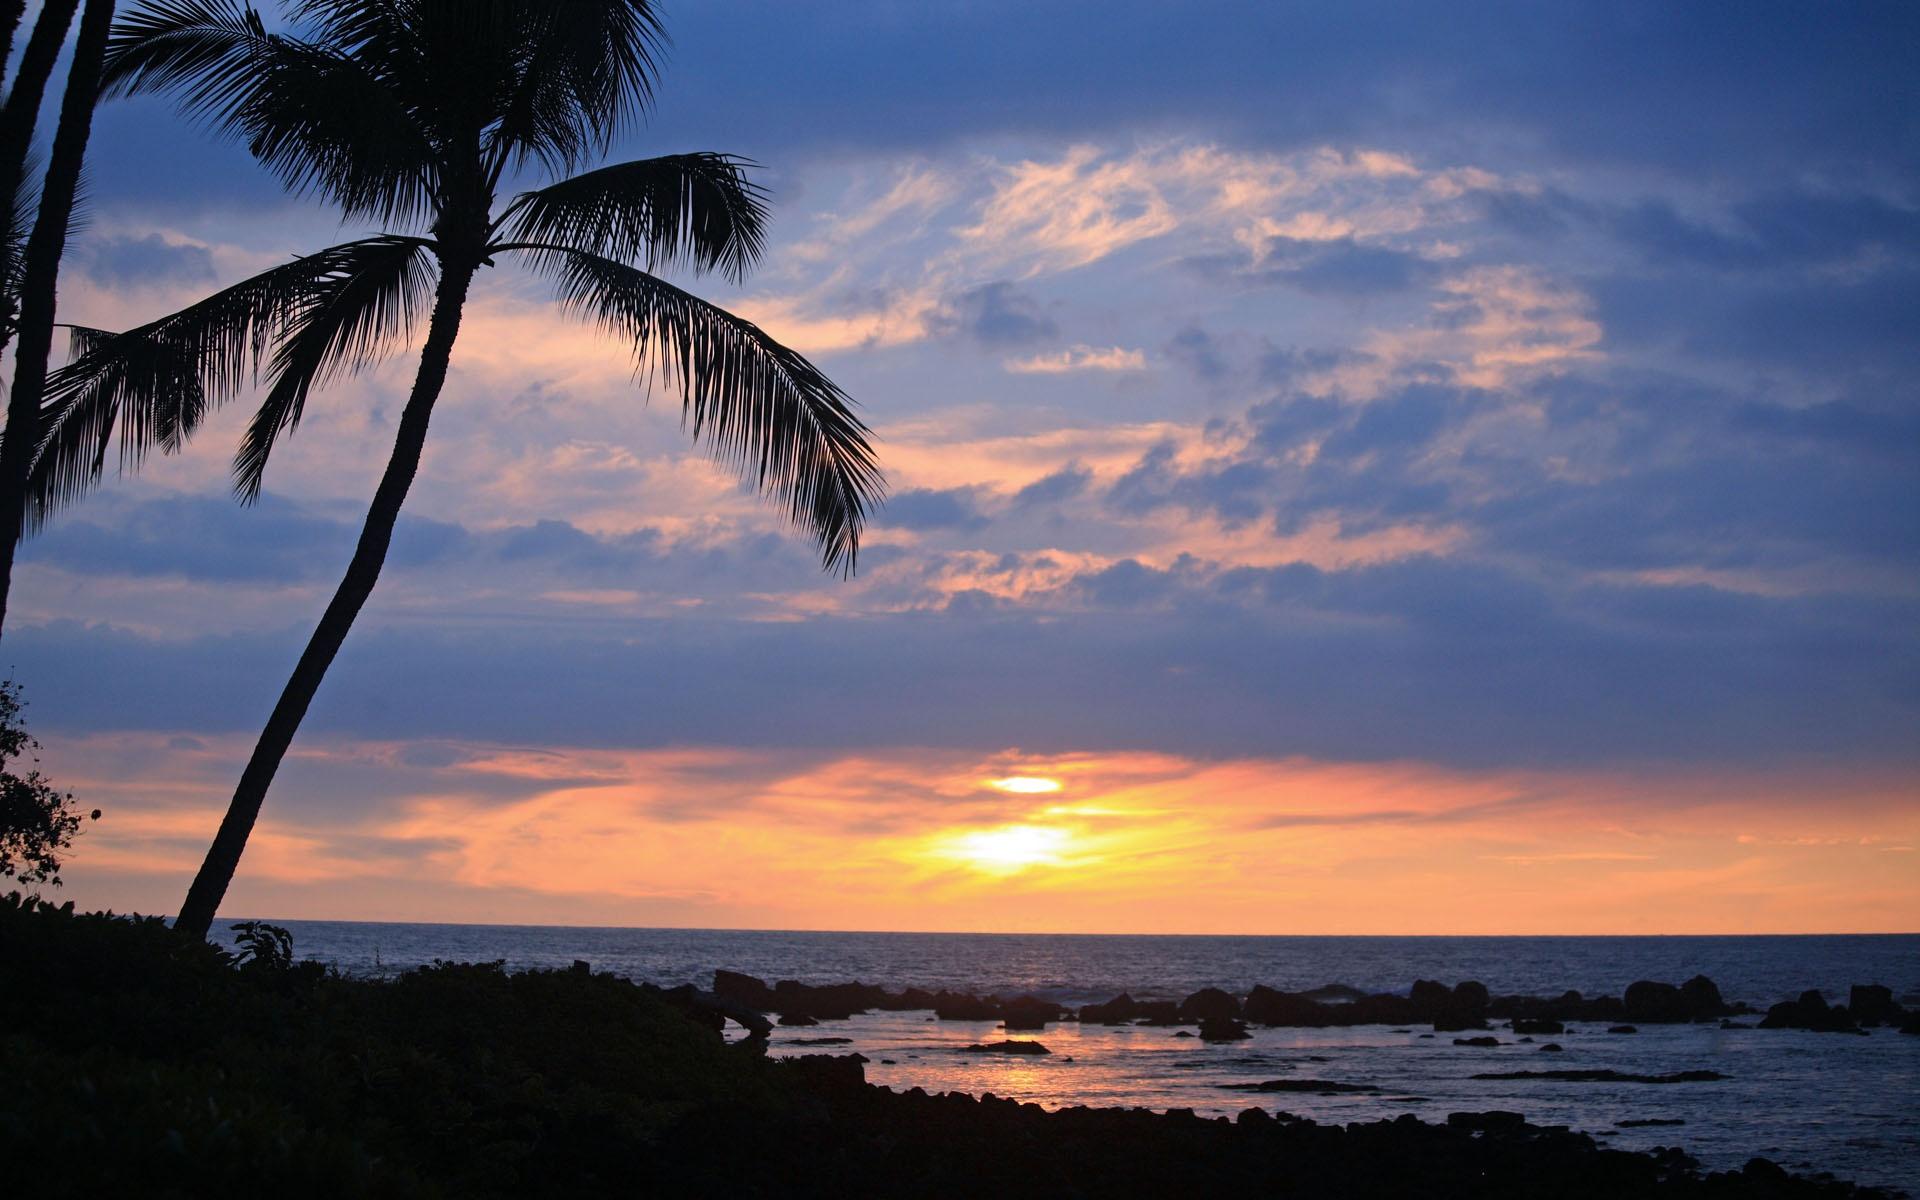 beach sunset keauhou tropical wallpaper desktop mac wallpapers 1920x1200